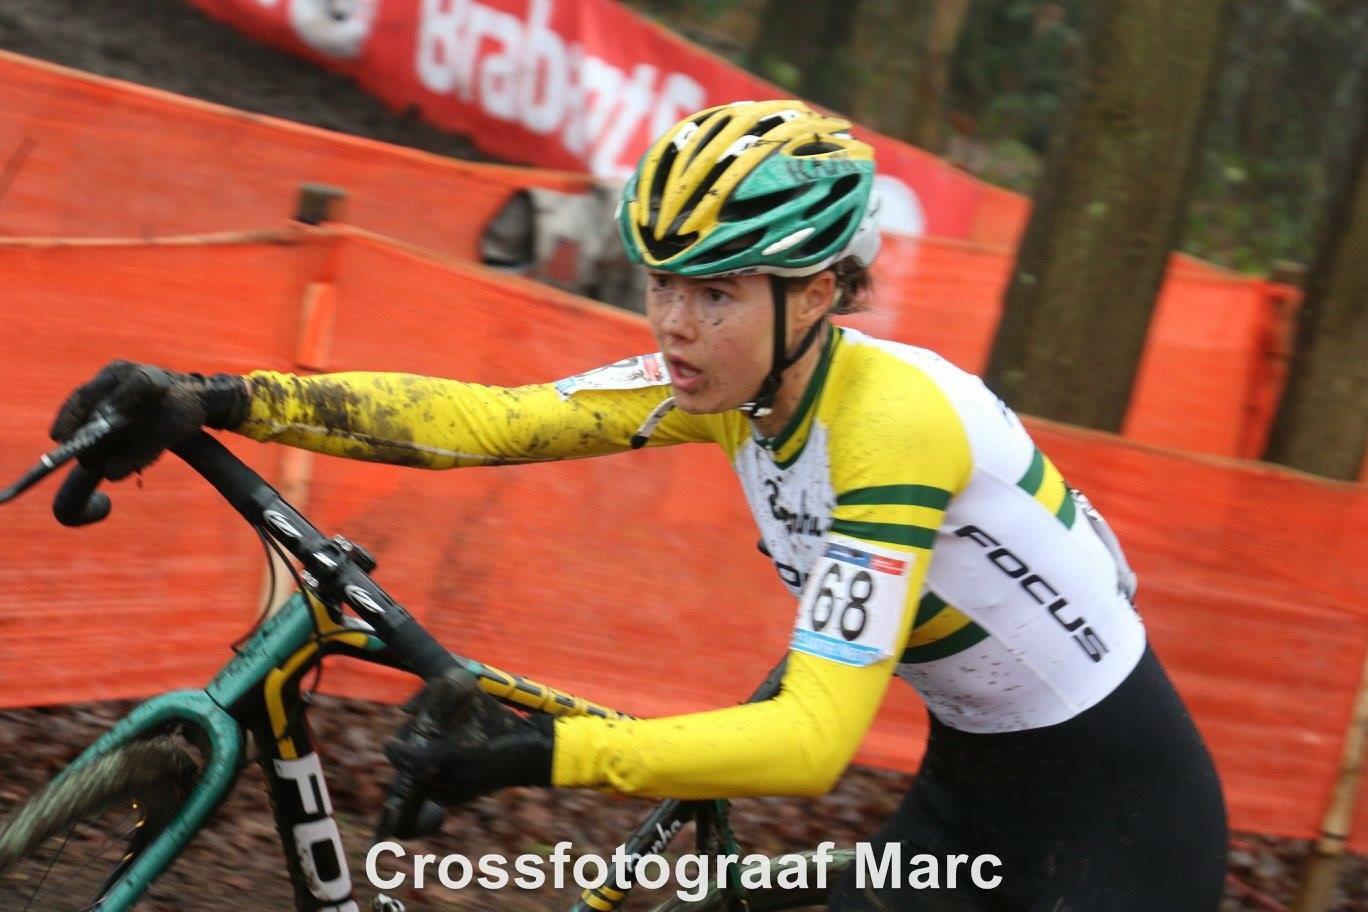 Pic: Mark Deceuninck